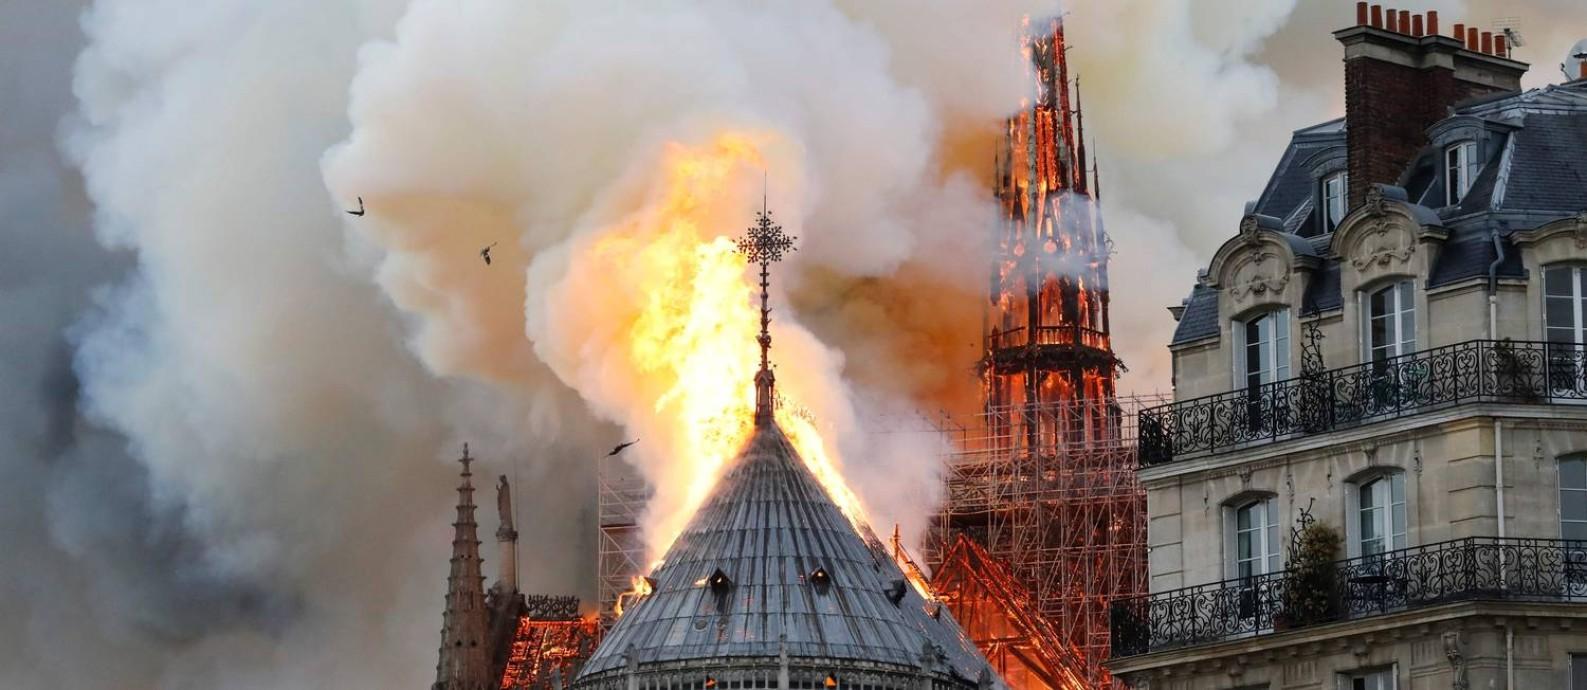 Fogo atinge o campanário da catedral de Notre Dame, em Paris Foto: FRANCOIS GUILLOT / AFP